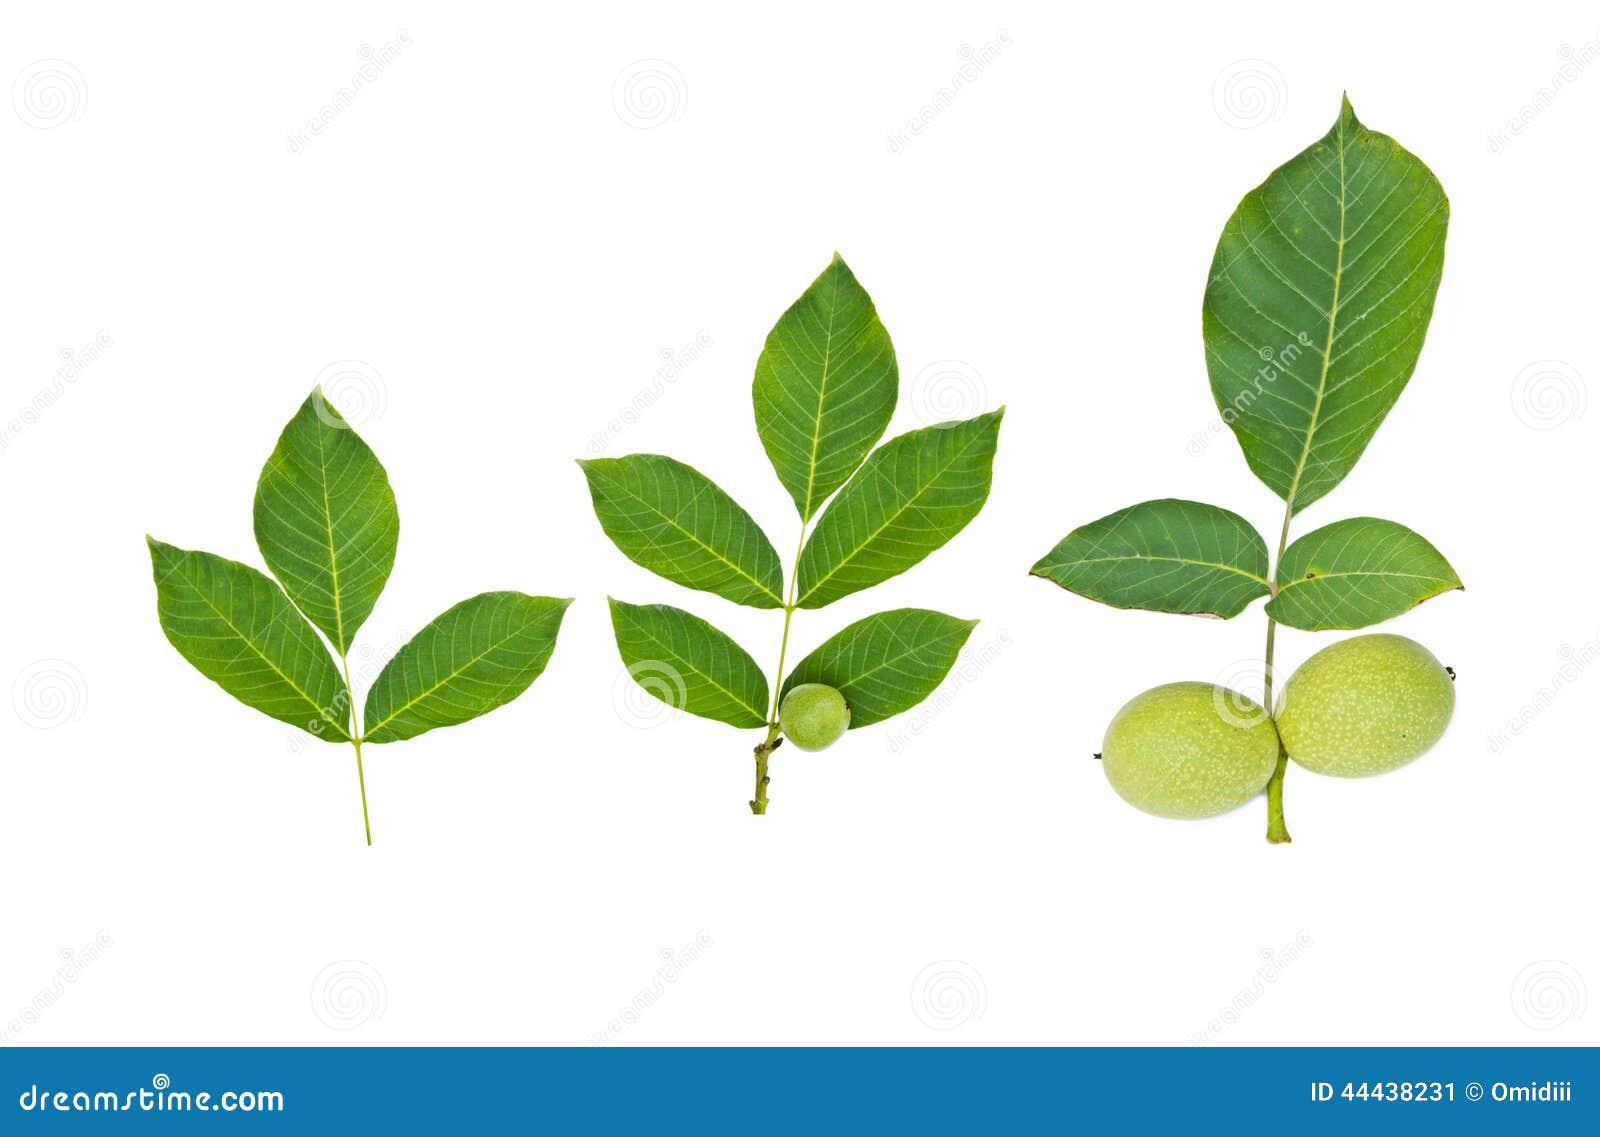 Green walnut fruit with leaf